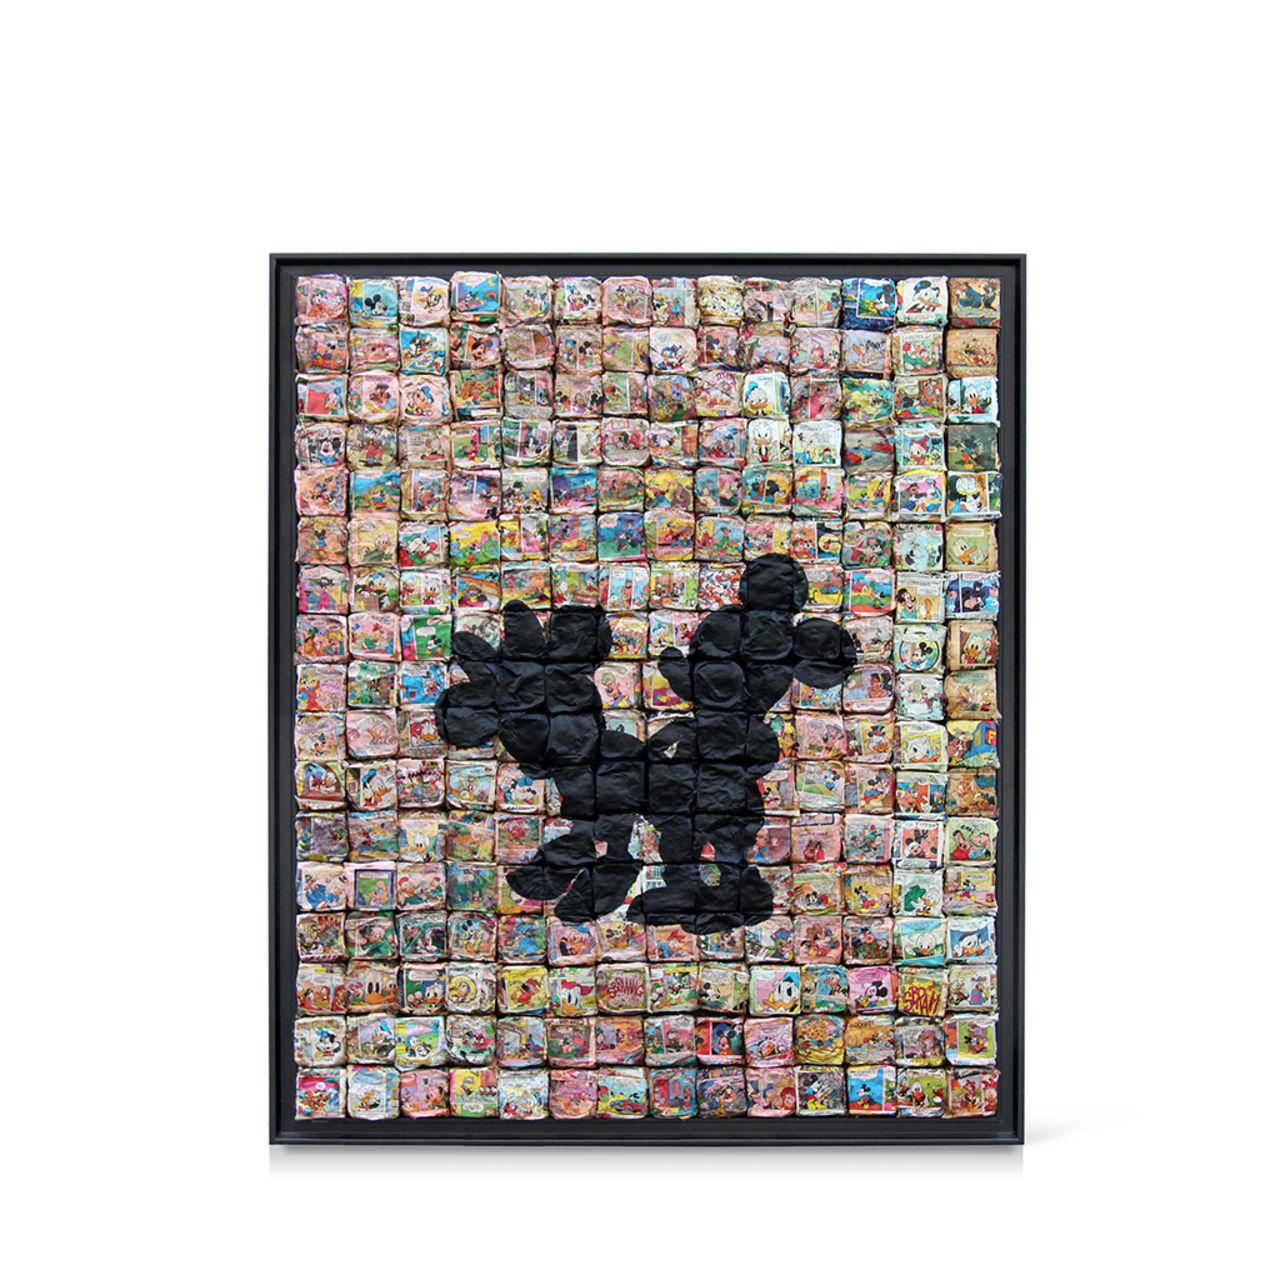 jean-michel buche 98 - Niquée mouse. 110X130cm